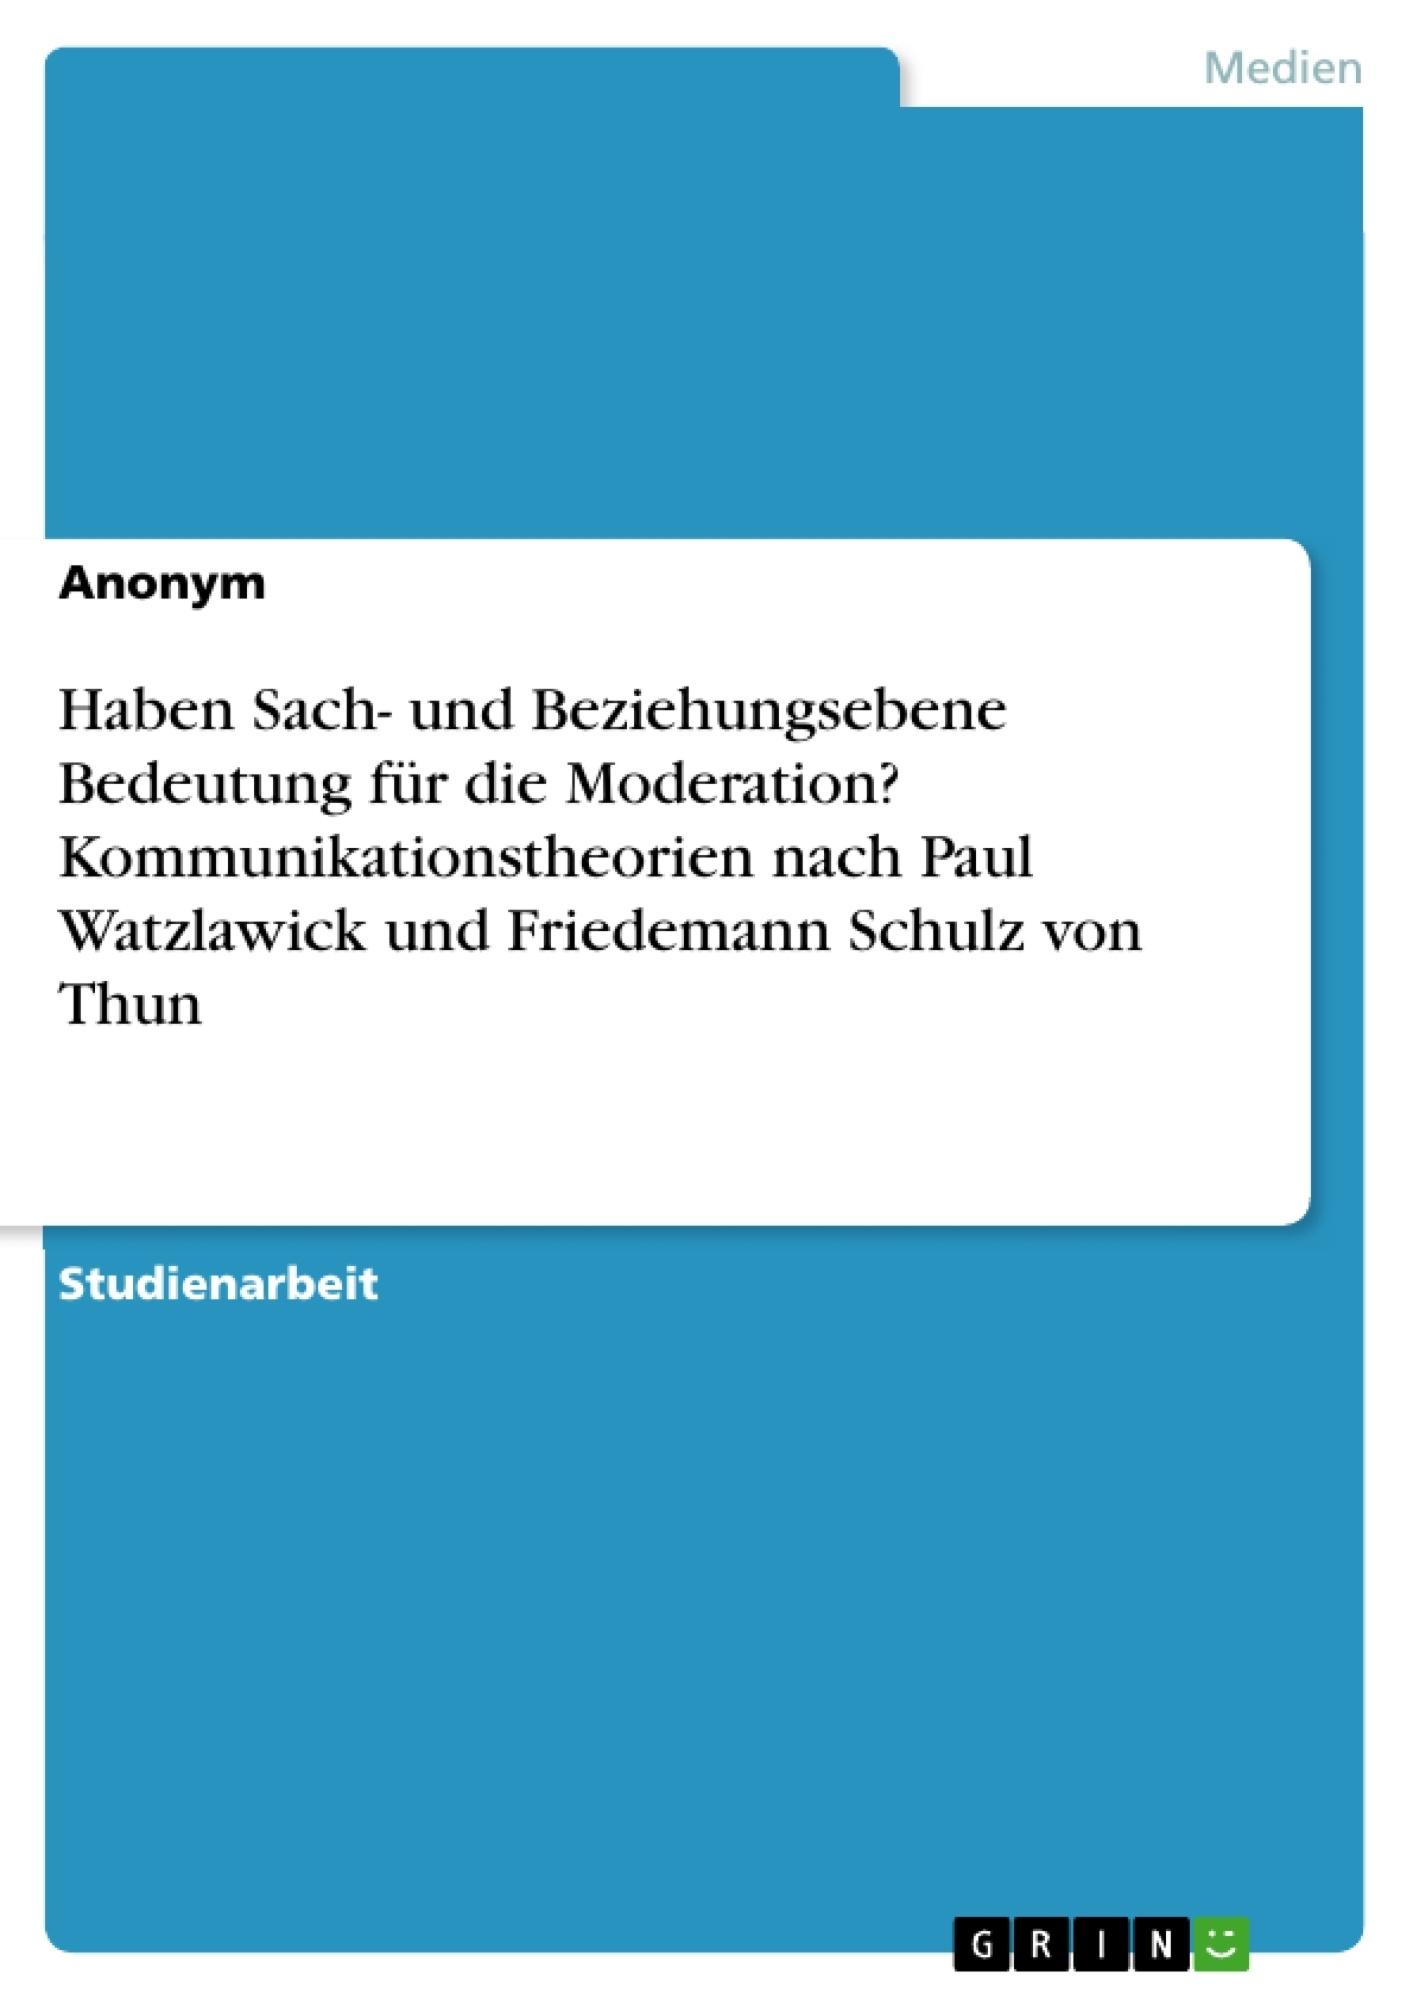 Titel: Haben Sach- und Beziehungsebene Bedeutung für die Moderation? Kommunikationstheorien nach Paul Watzlawick und Friedemann Schulz von Thun